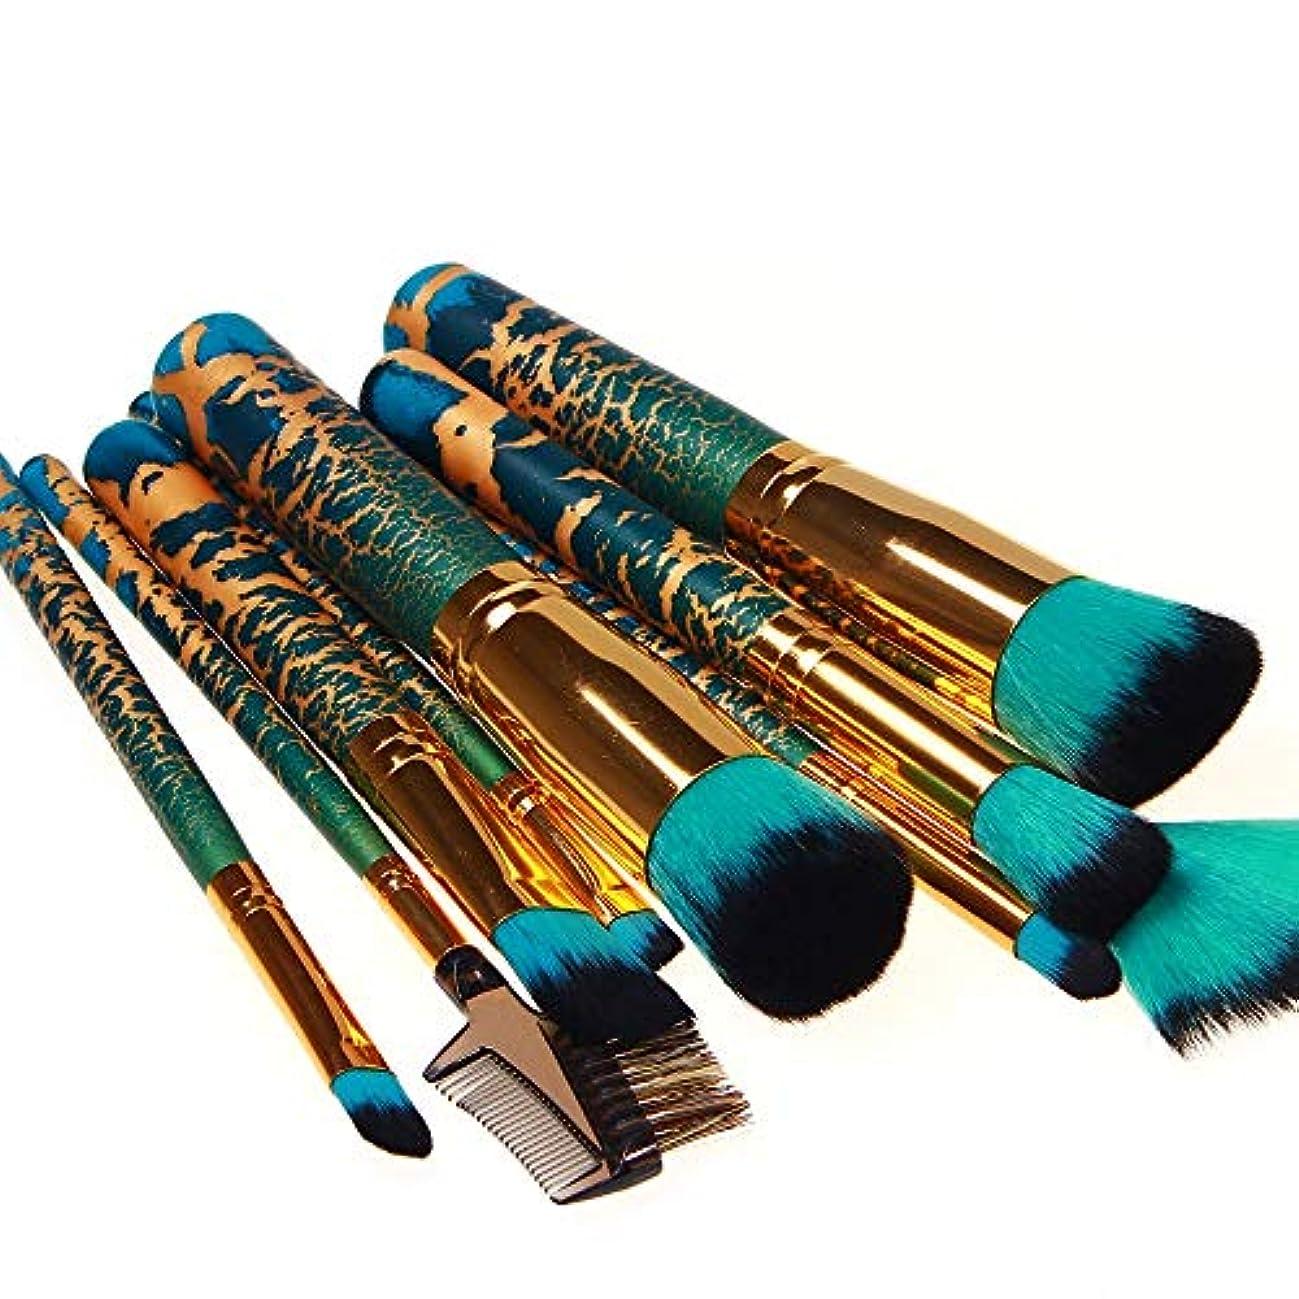 増強する晩餐土曜日Makeup brushes 木の化粧ブラシ10のナイロン毛のスナップ塗装プロセスが付いている化粧ブラシセット suits (Color : Green)